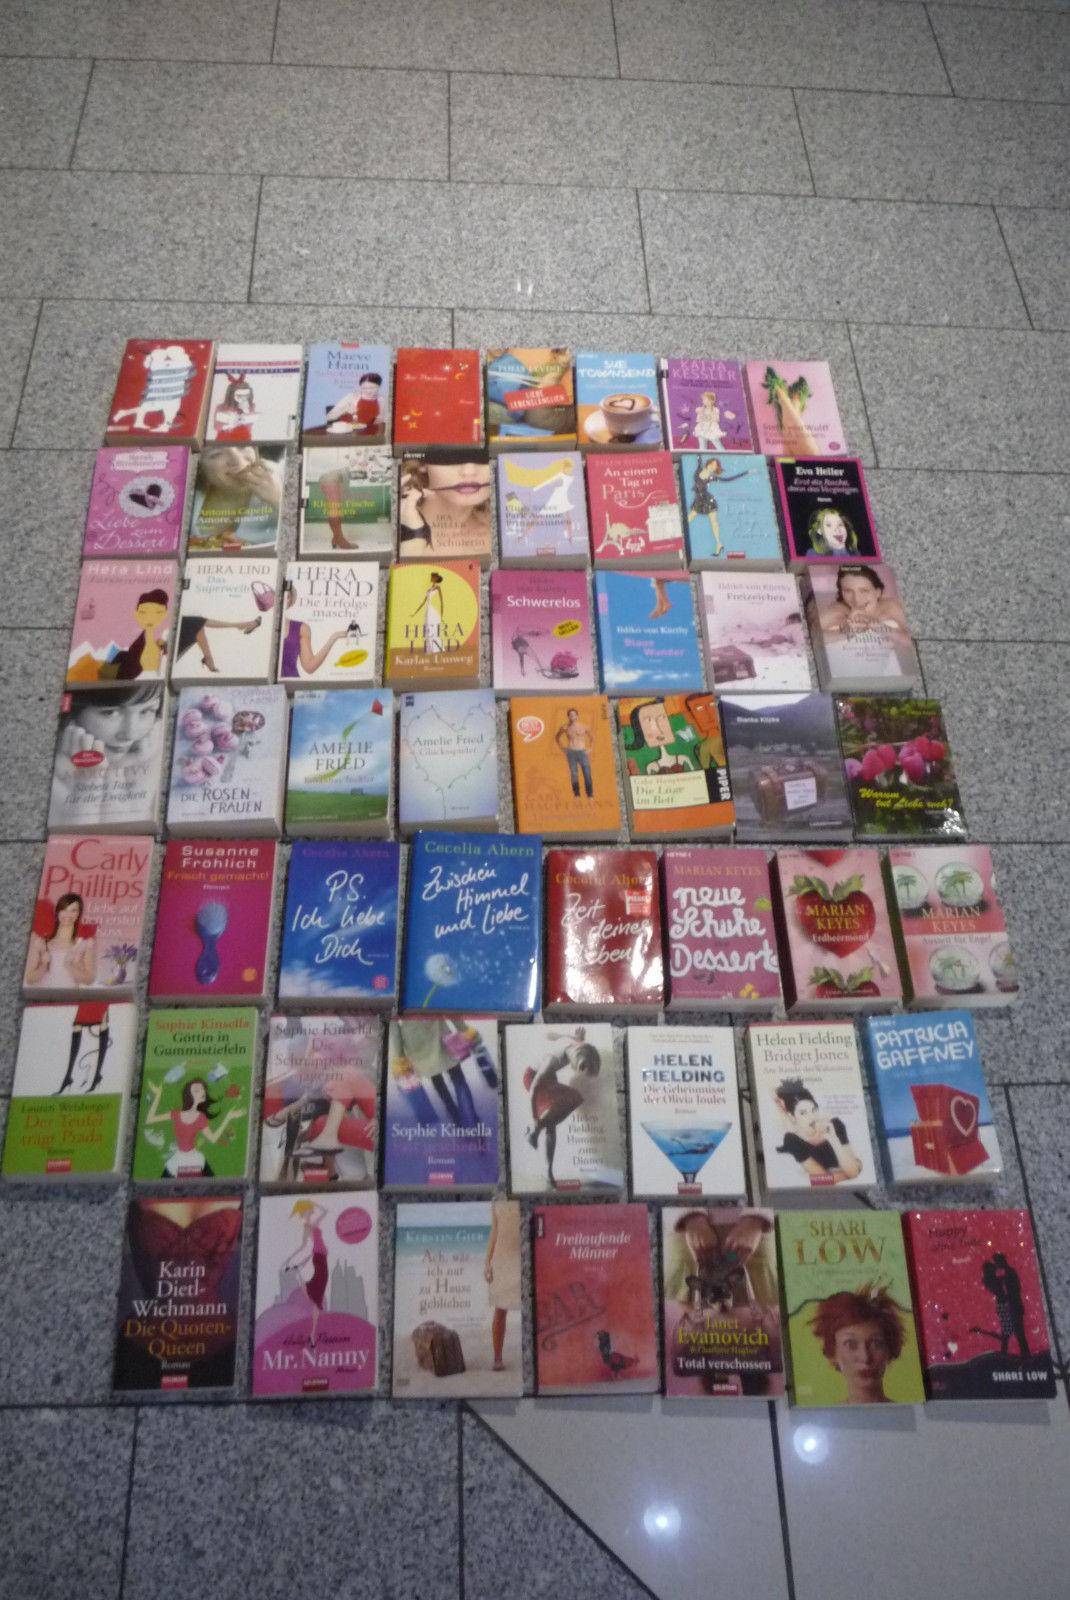 Paket 55 Bücher Frauenromane:Kerstin Gier,Susanne Fröhlich,Sophie Kinsella,Gaby